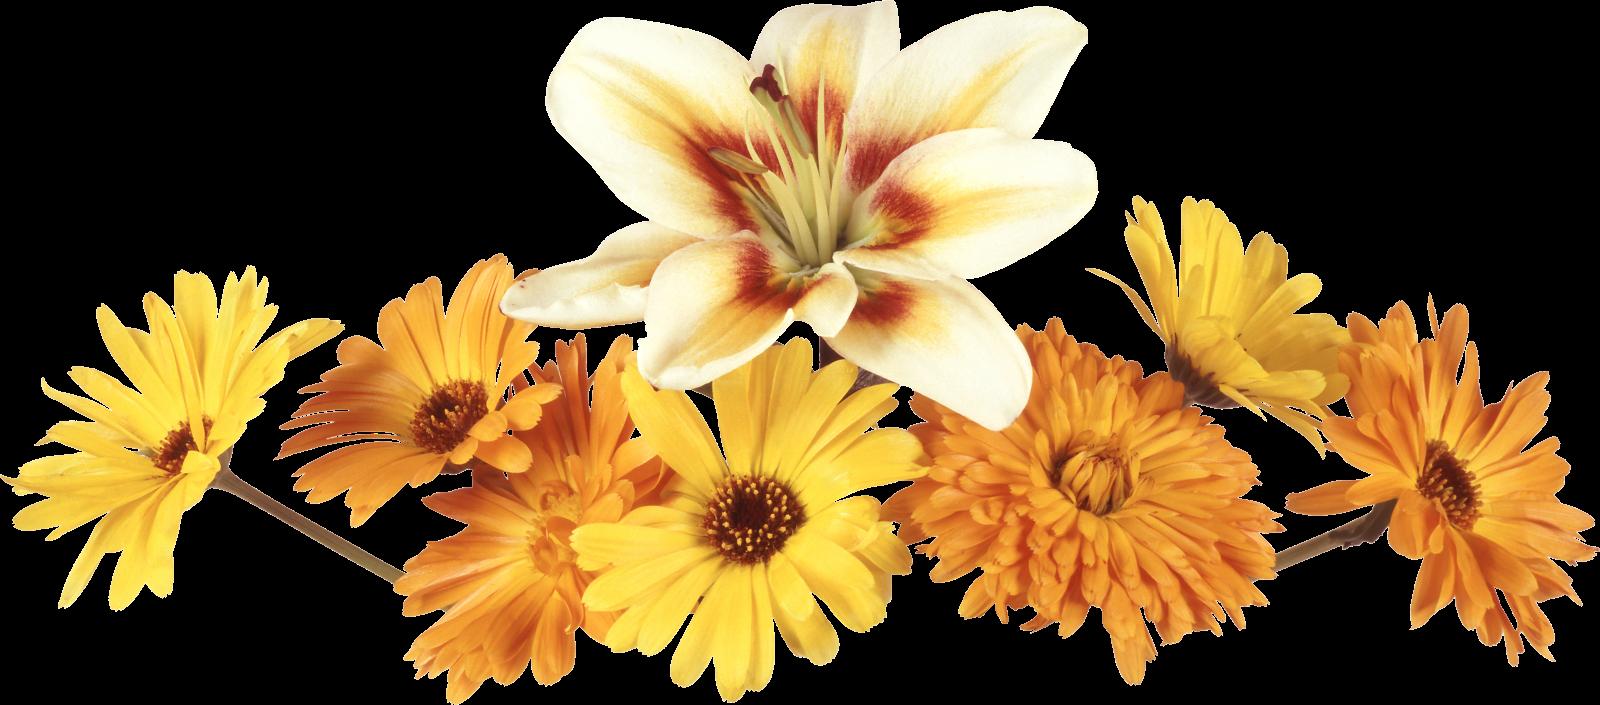 Marcos Esquineros Para Fotos De Flores: ® Gifs Y Fondos Paz Enla Tormenta ®: IMÁGENES DE FLORES